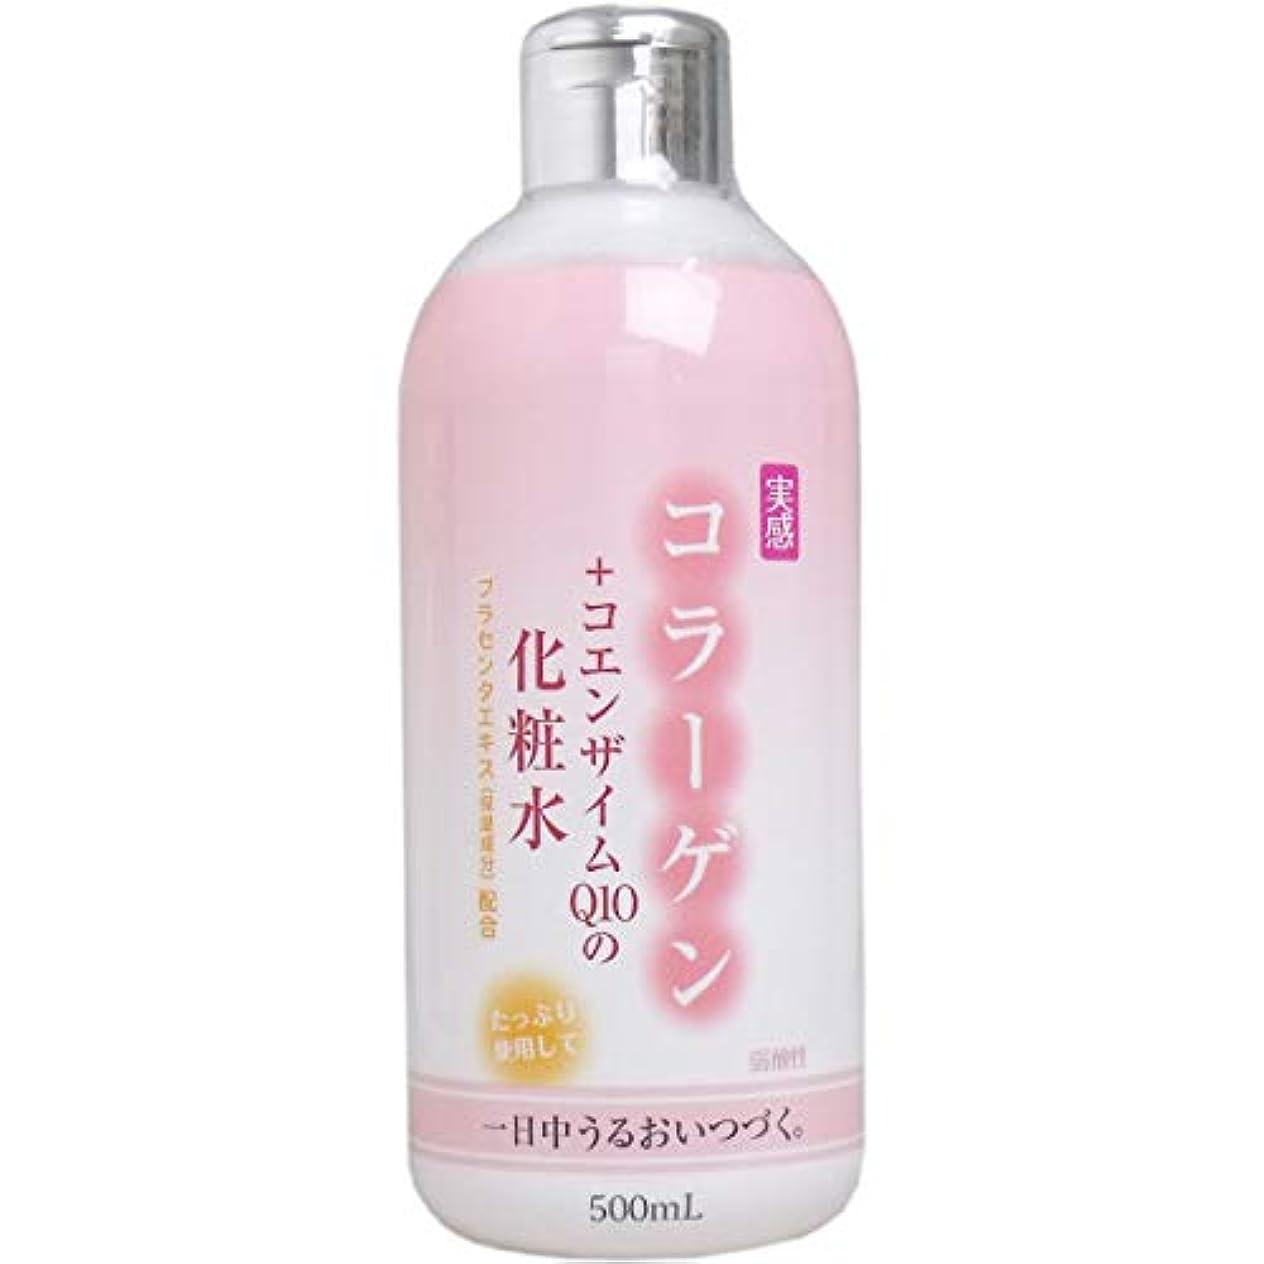 あざ耐久喜んでコラーゲン+コエンザイムQ10 化粧水 500mL